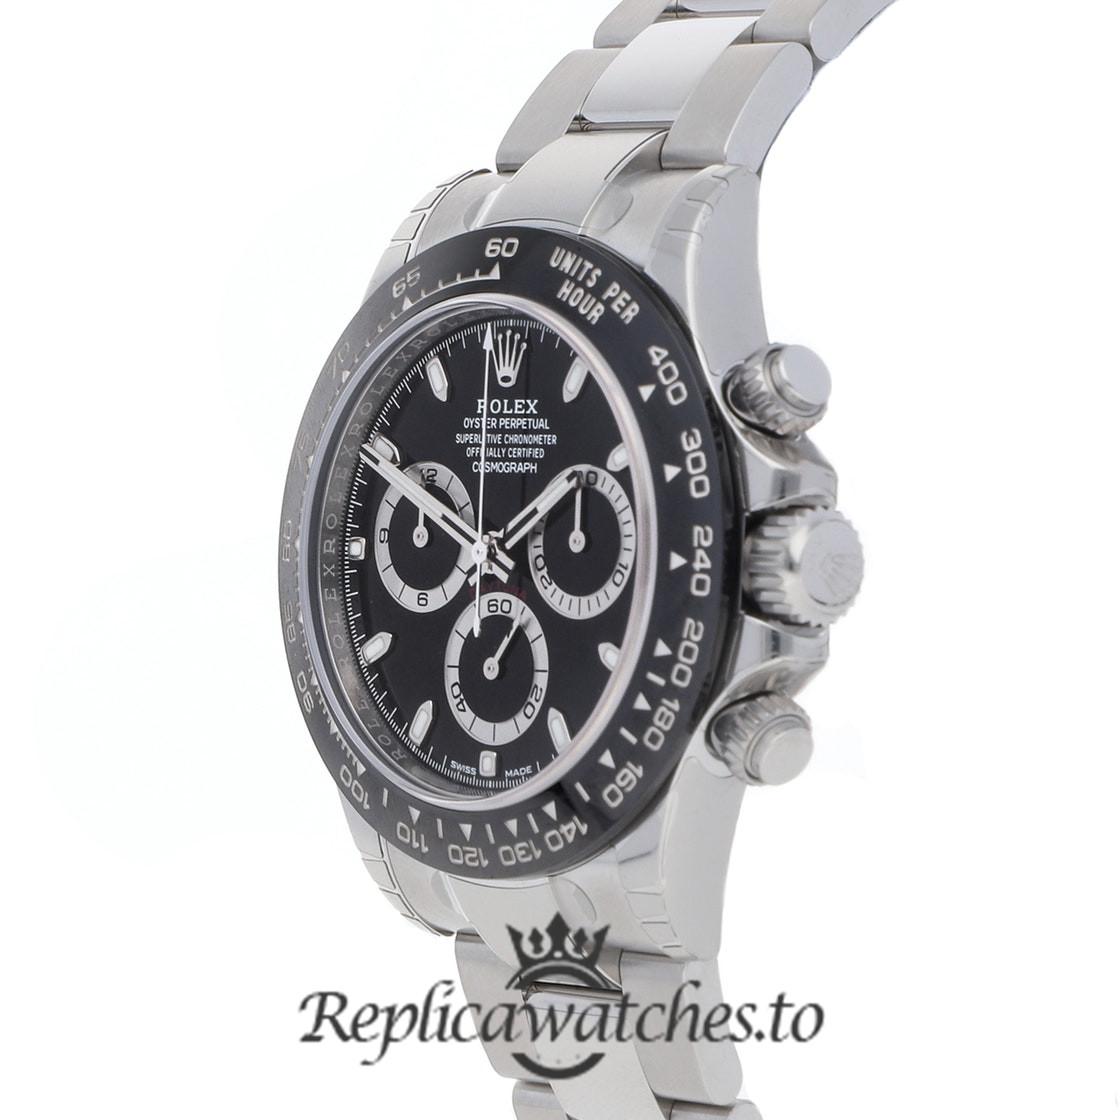 Rolex Daytona Replica 116500LN White Gold Strap 40MM